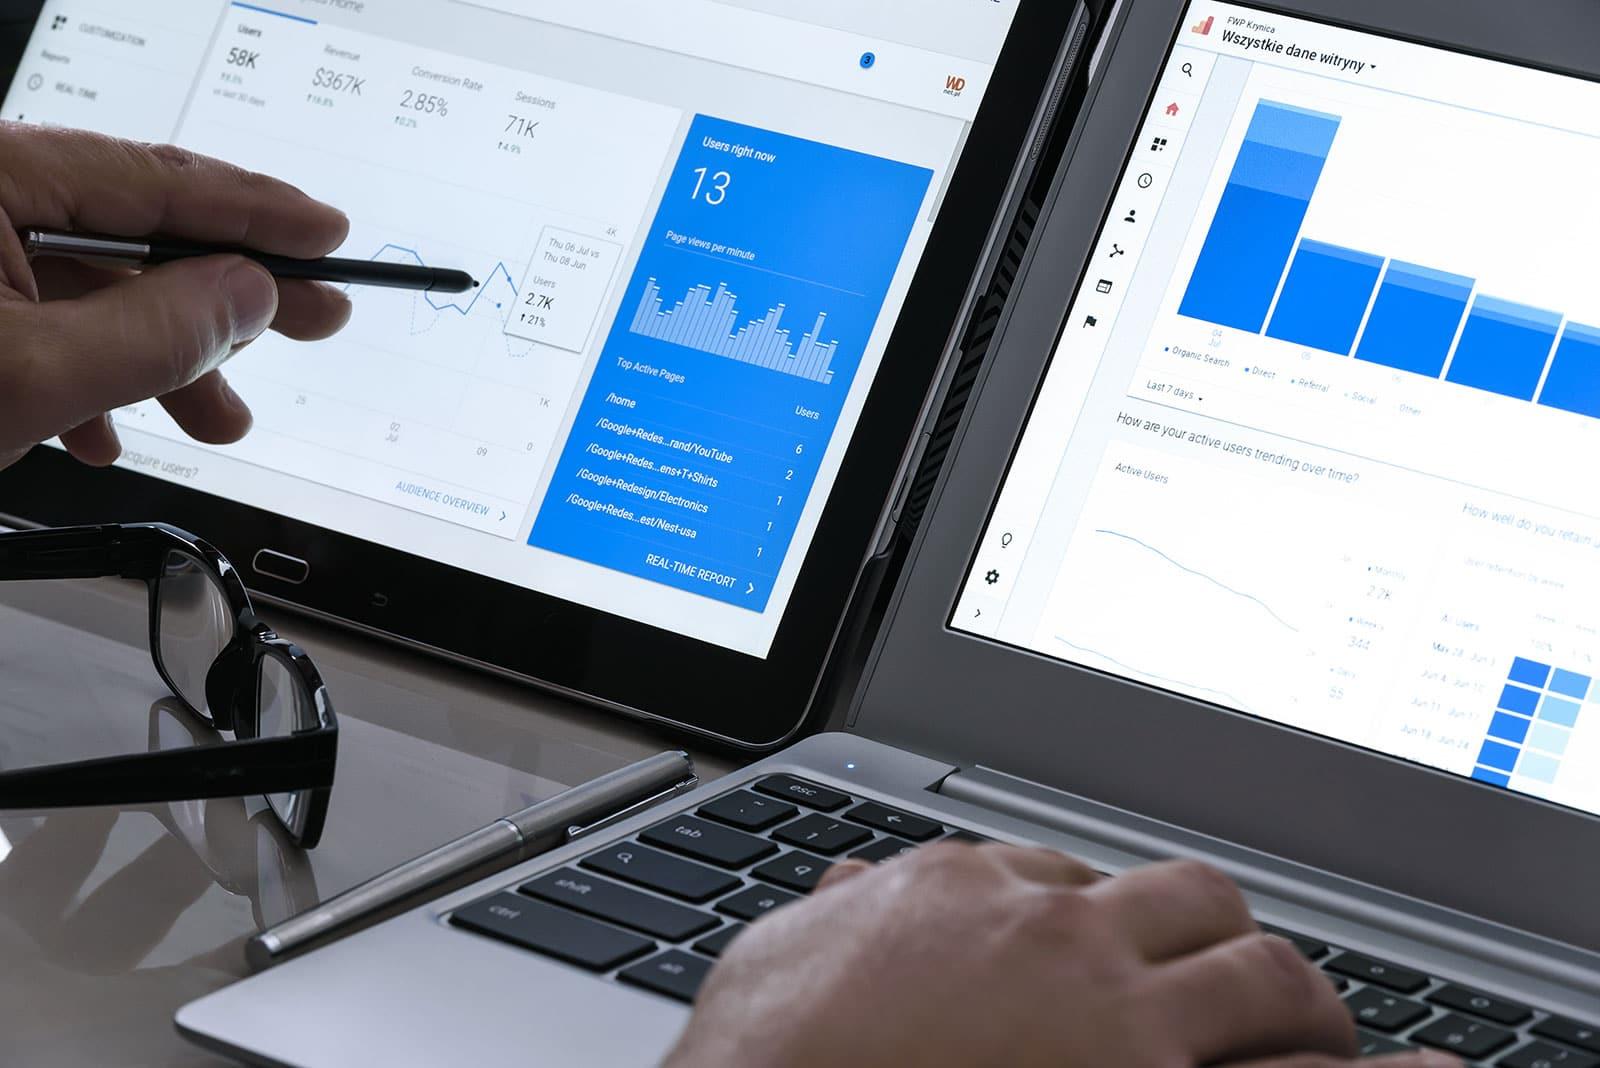 Auf einem Tablet und einem Laptop werden die Onpage Daten dargestellt